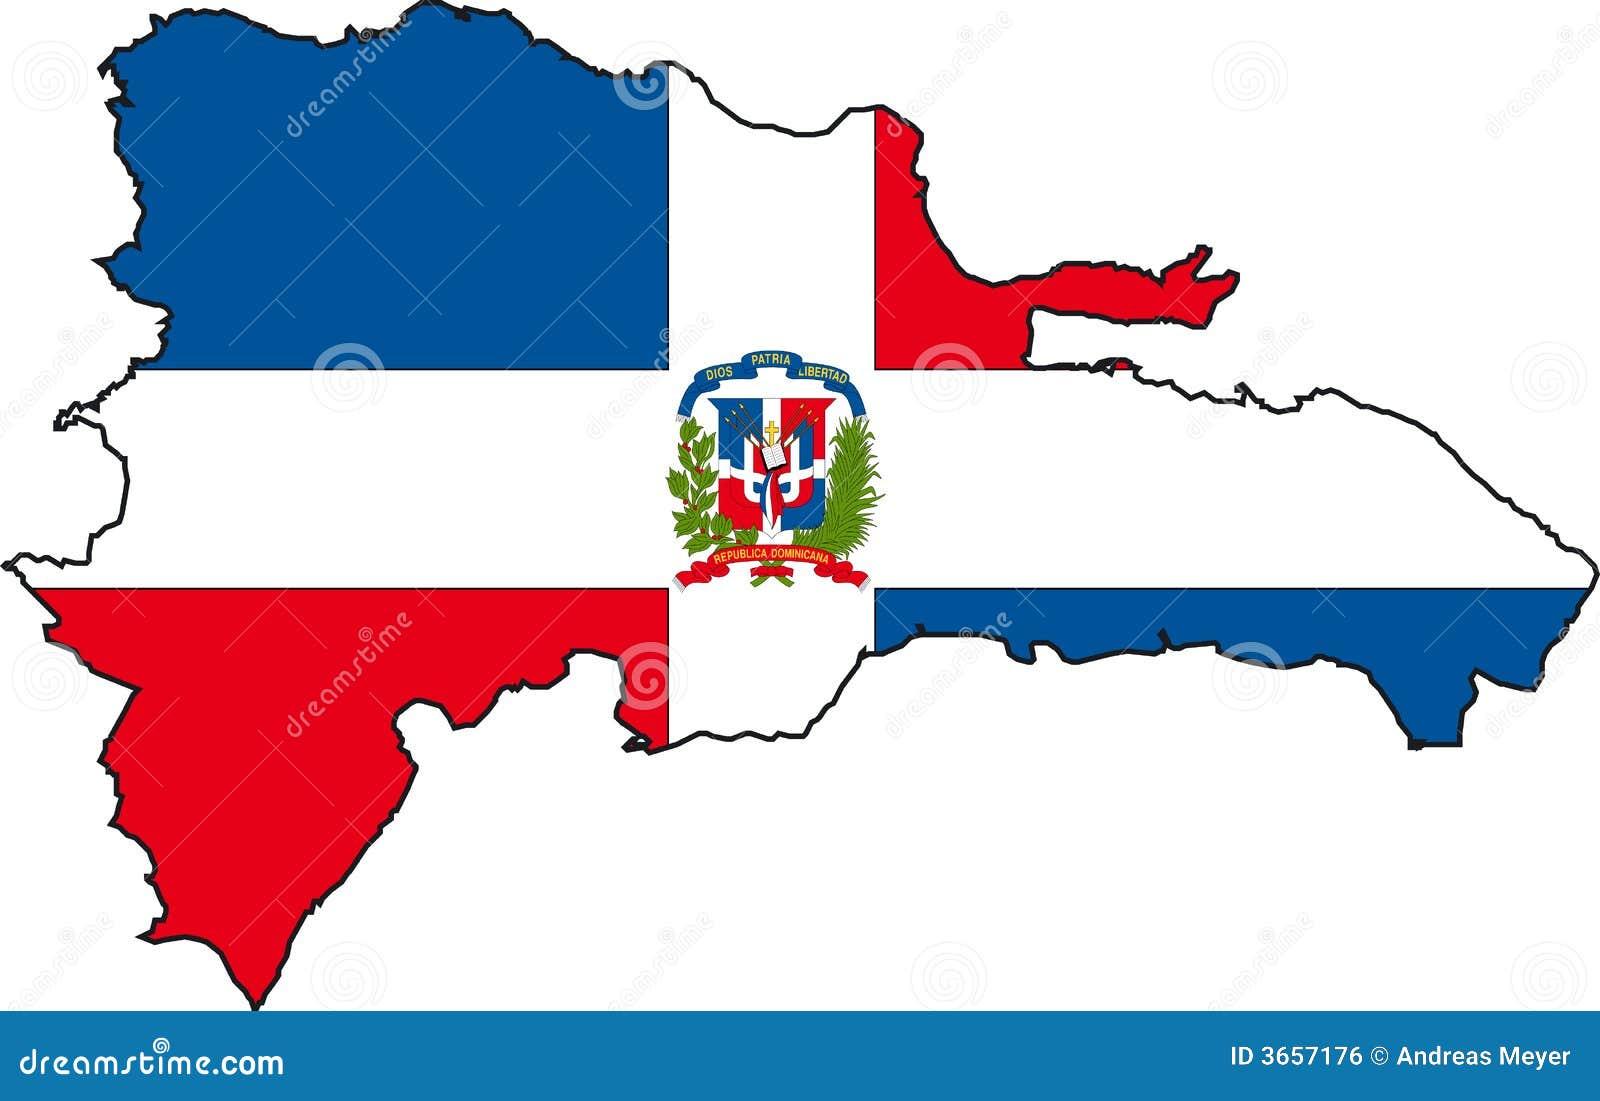 República-Vetor do Dominican do mapa